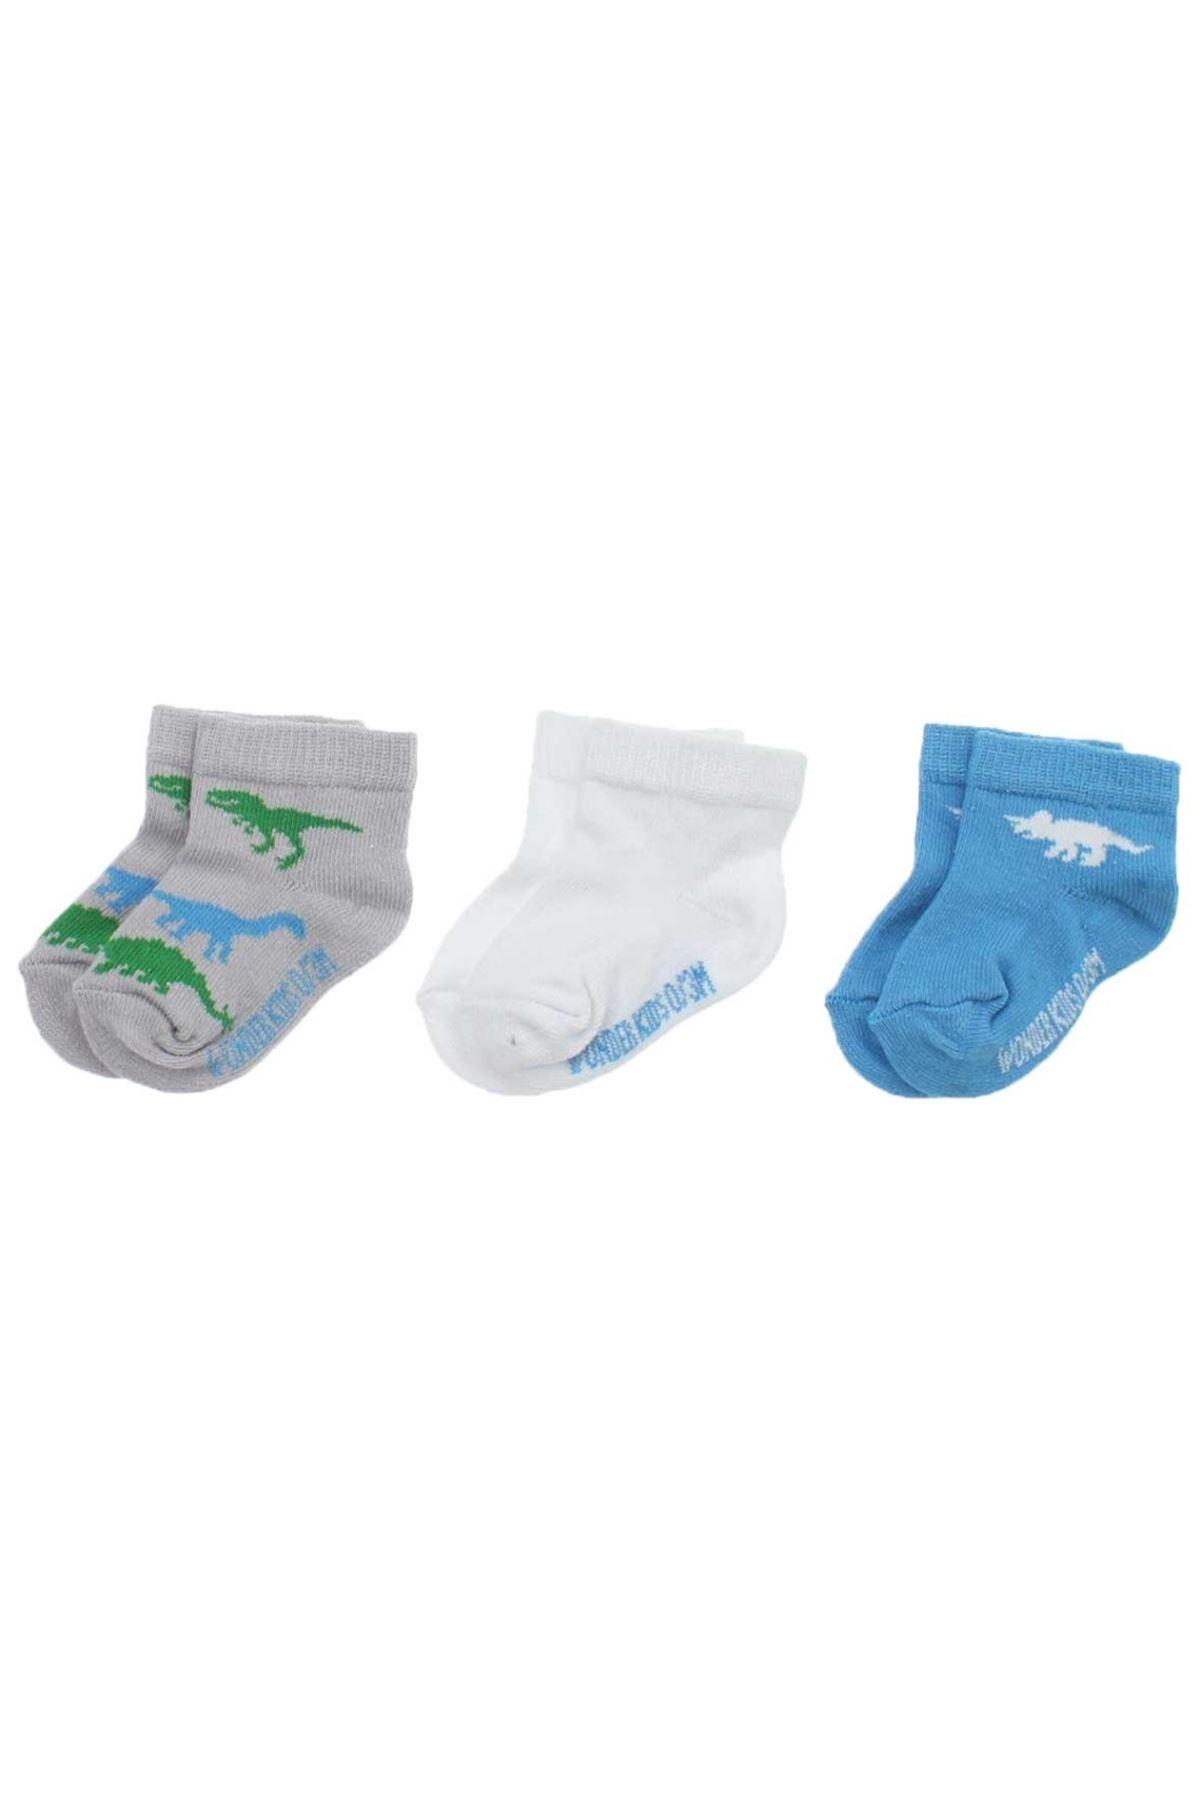 Wonder Kids Erkek Bebek 3 lü Çorap